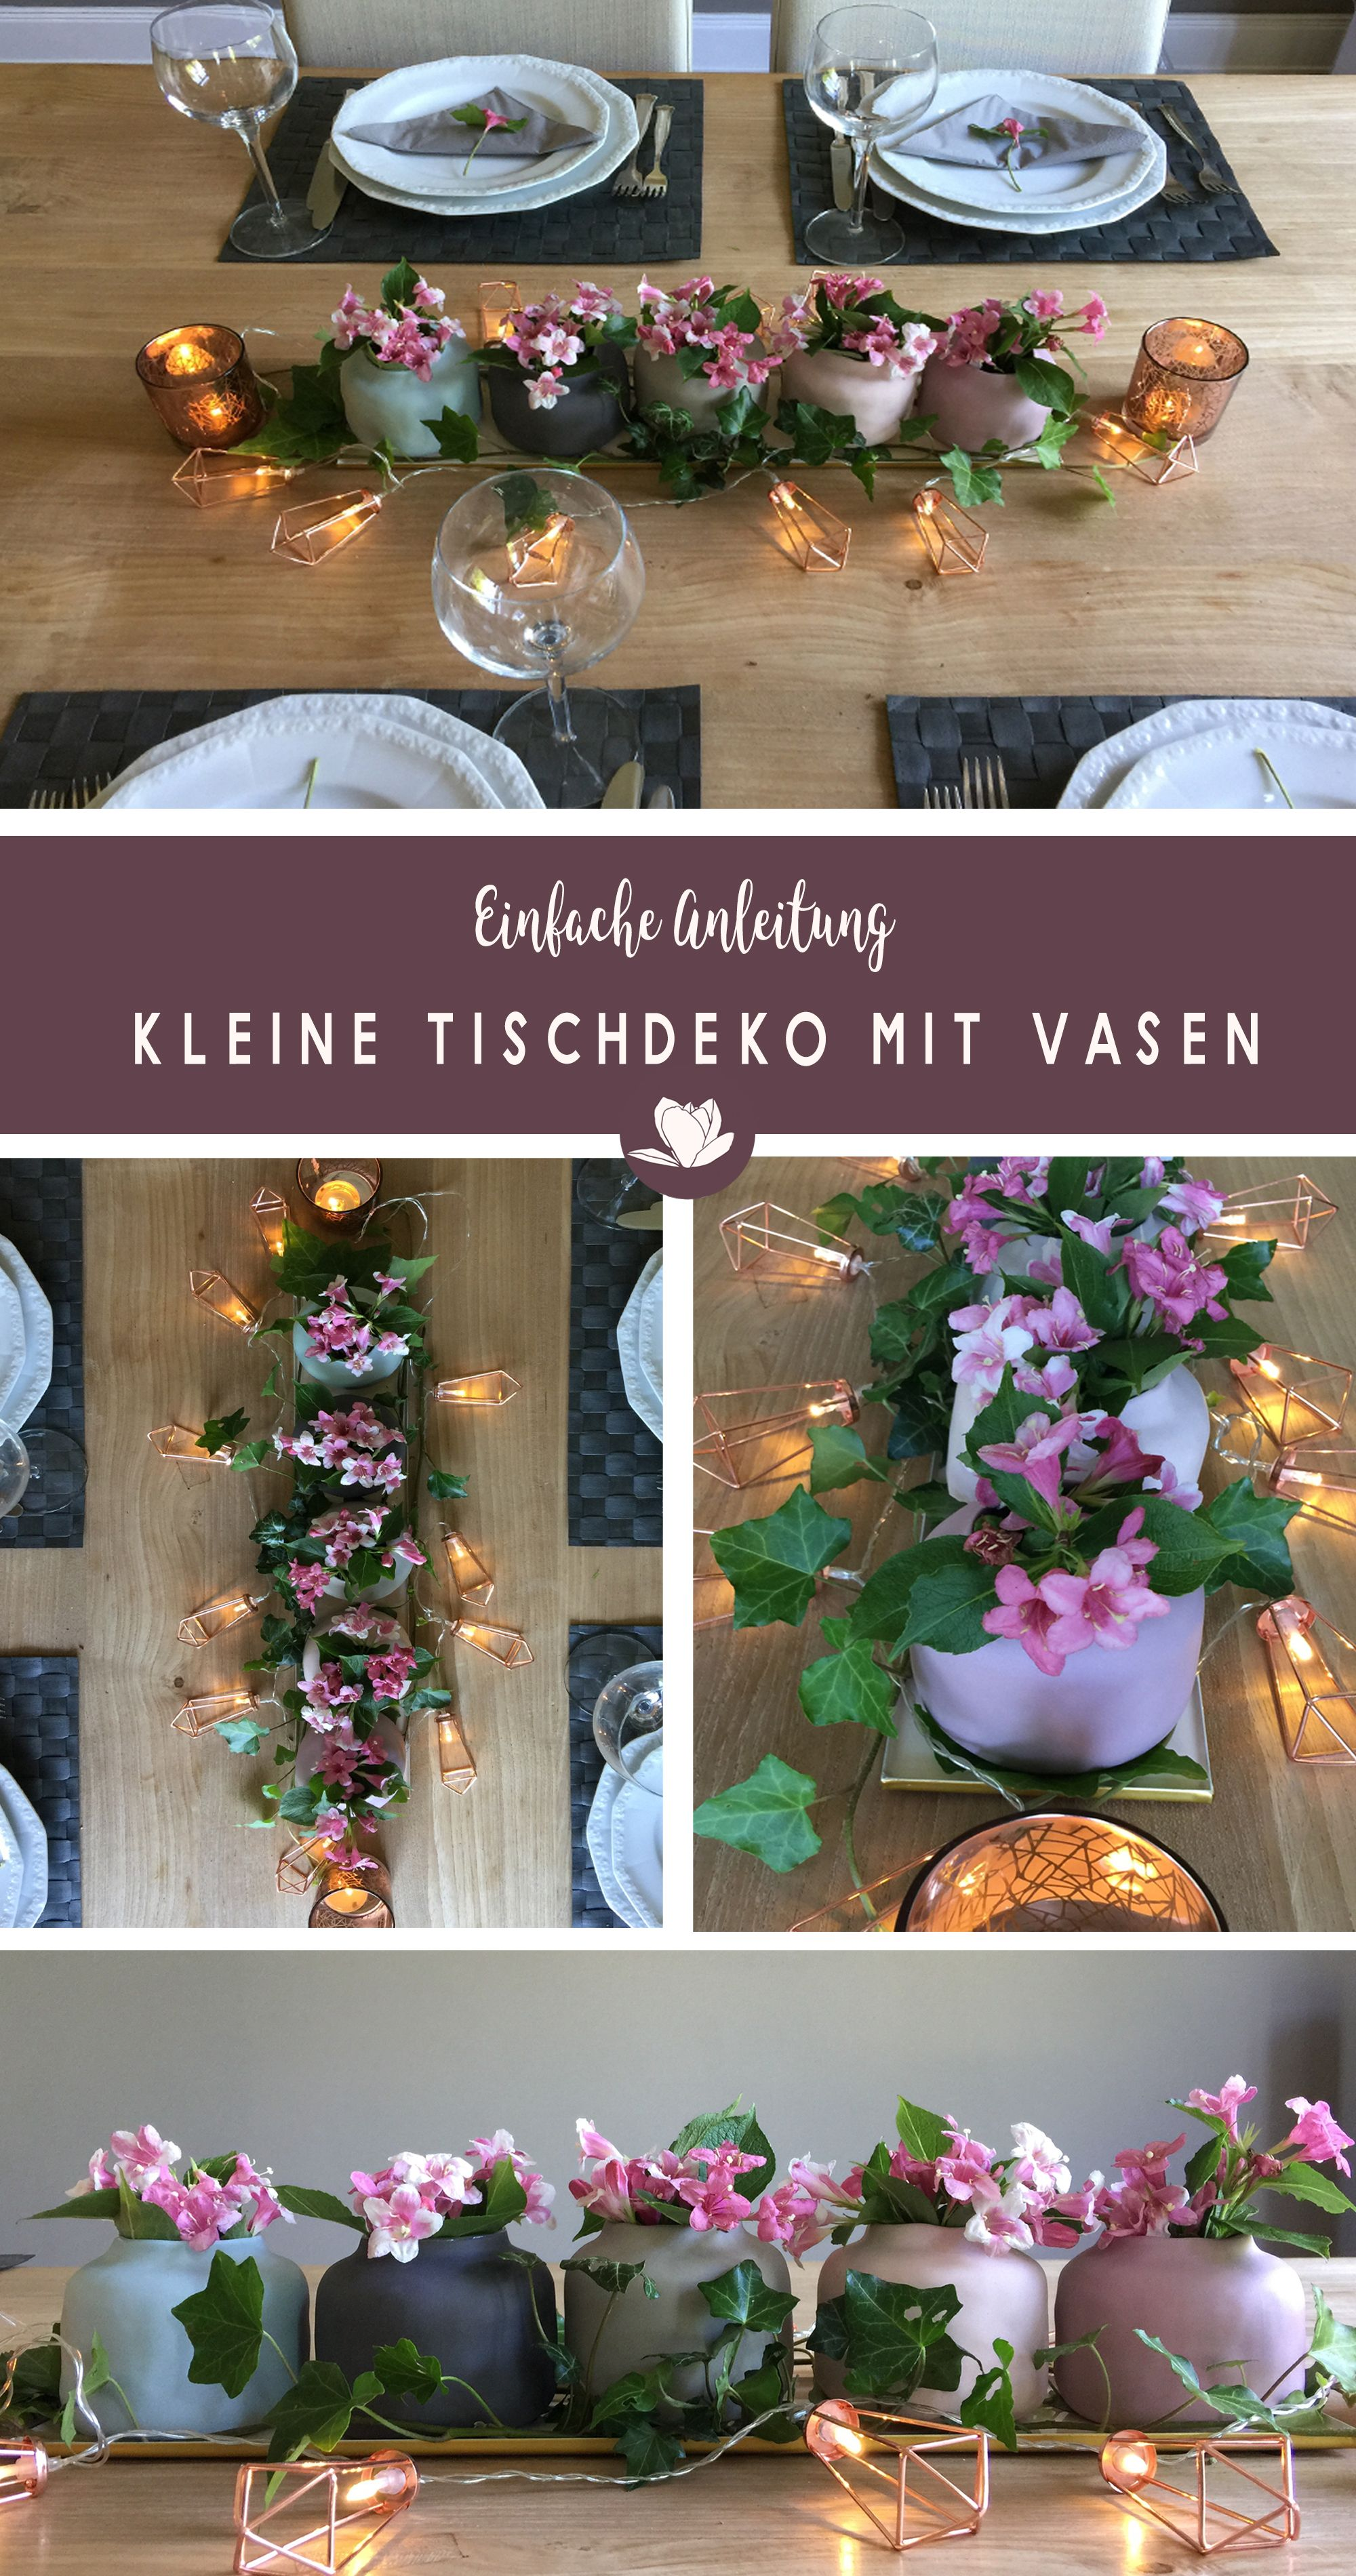 Kleine Tisch-Deko mit Vasen und Lichterkette - einfache Anleitung ...